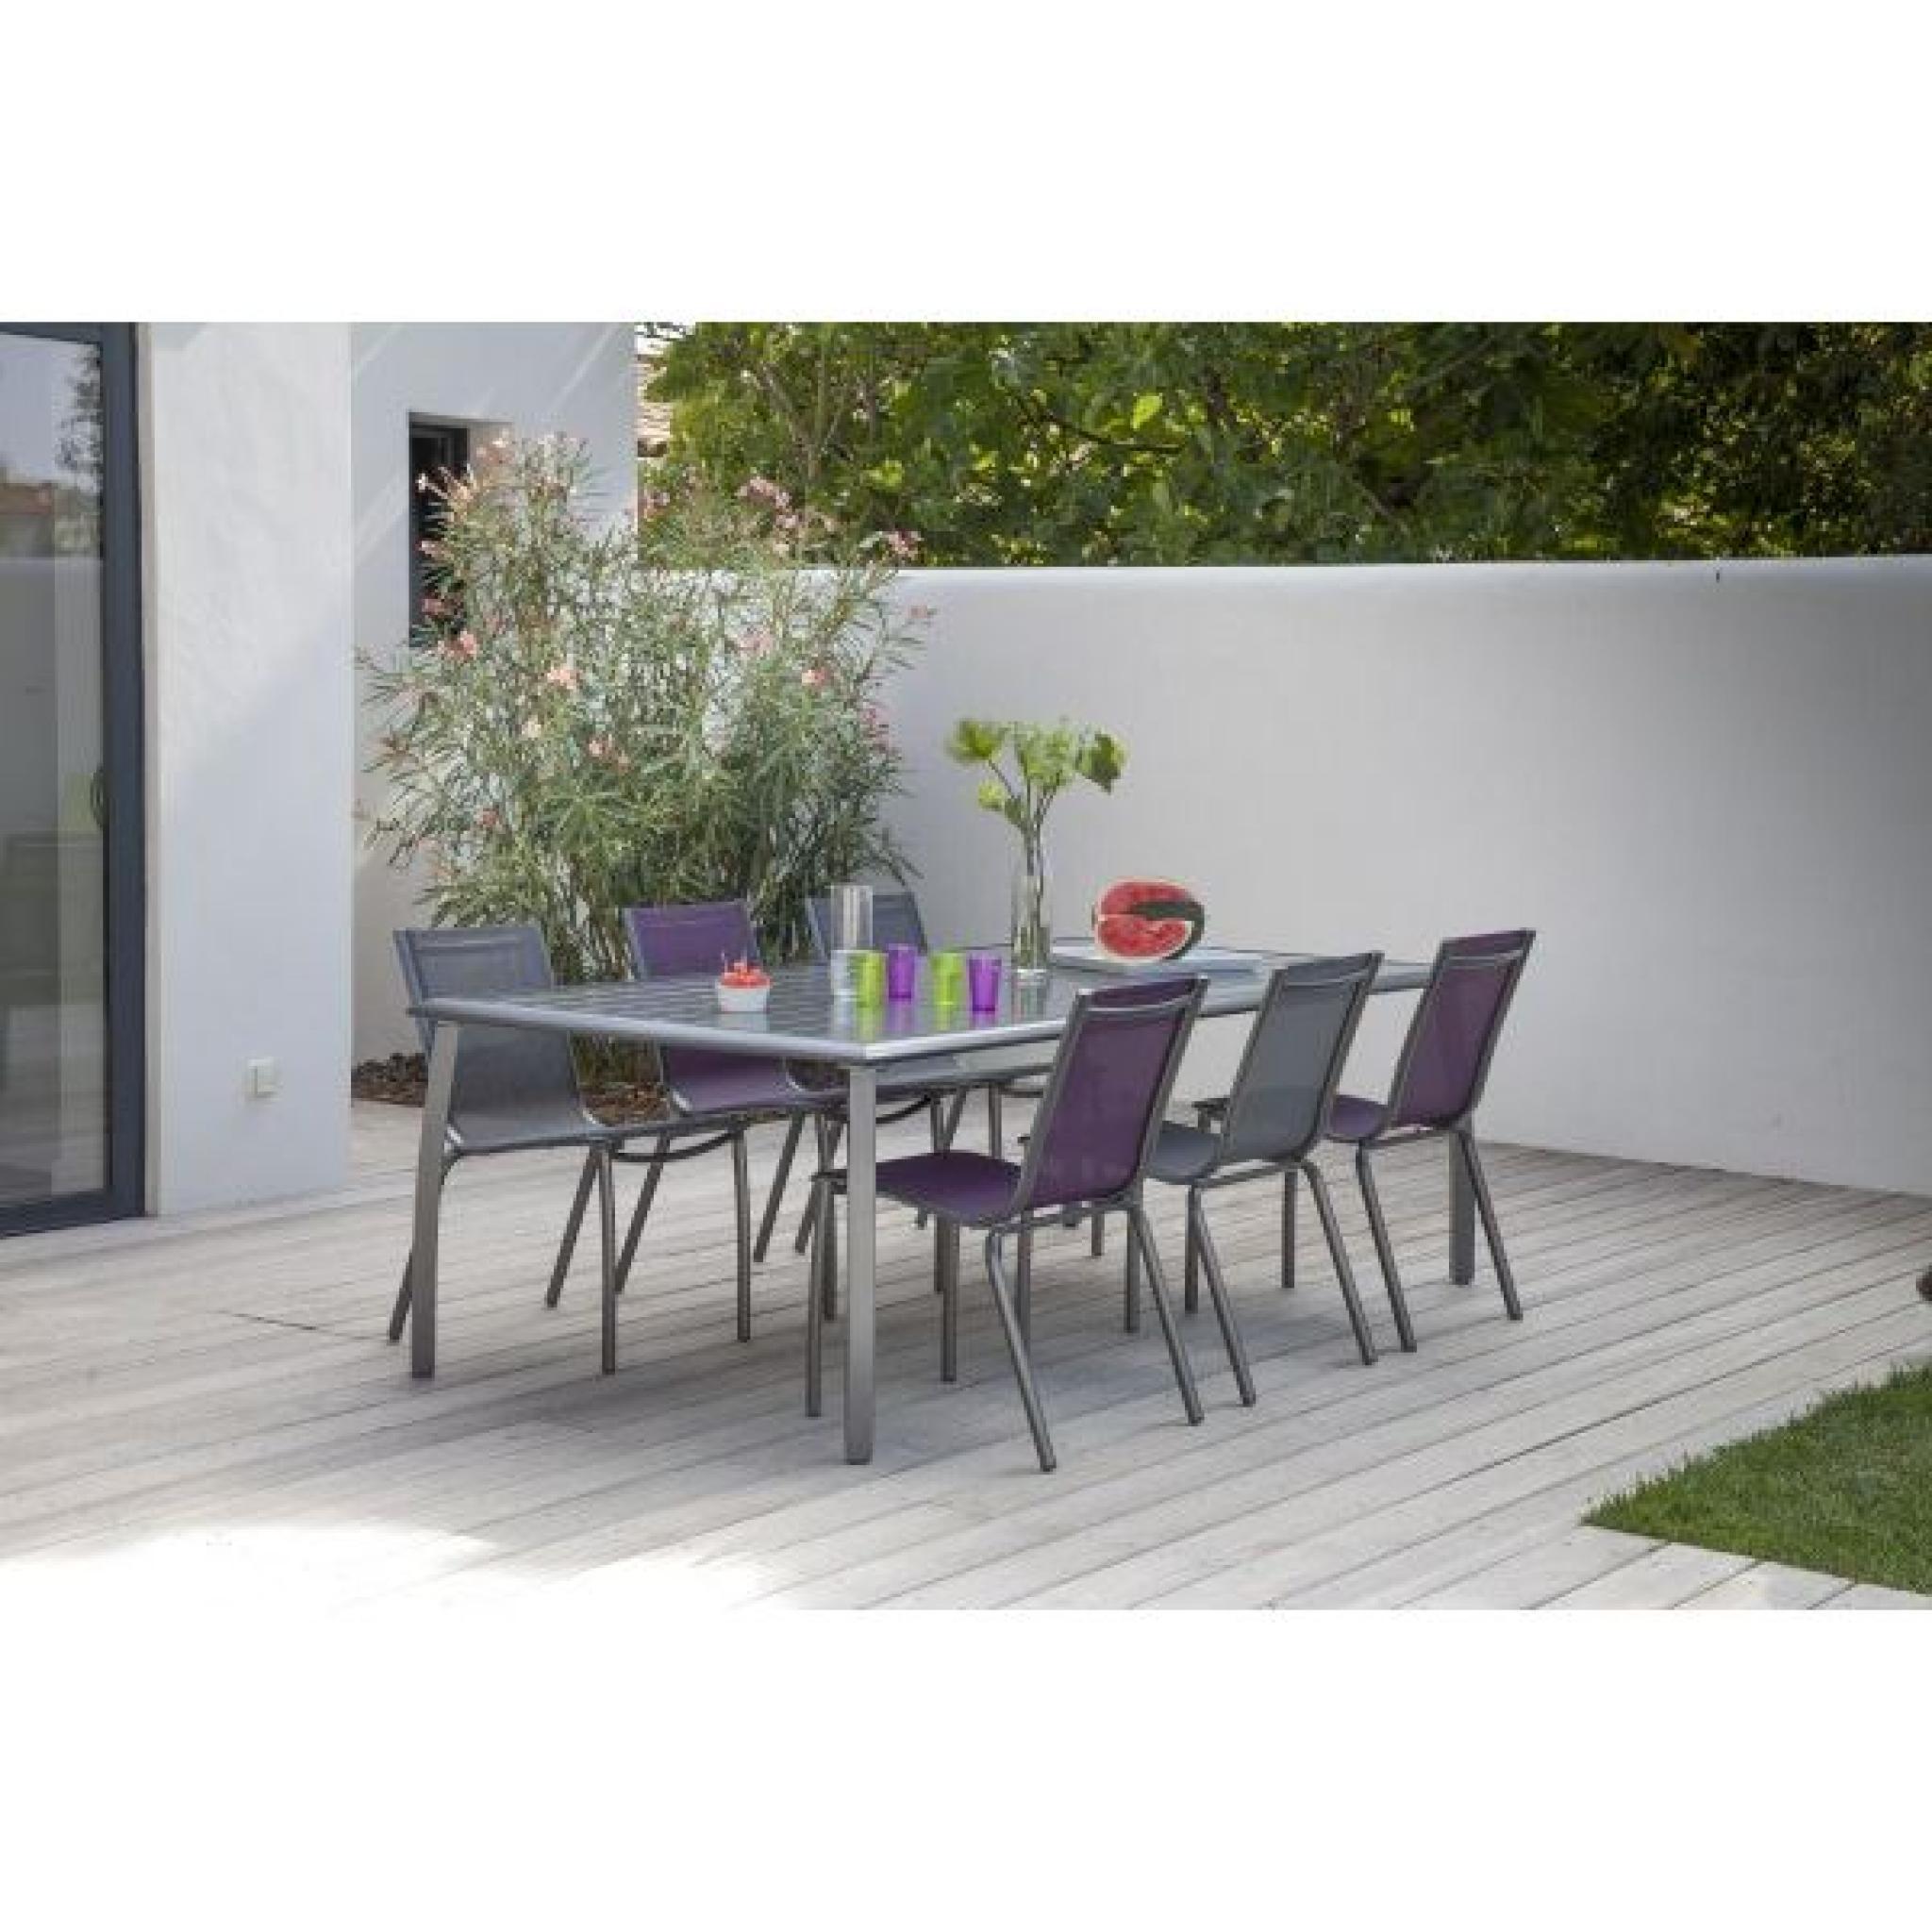 table azuro gris 225x100 achat vente table de jardin en aluminium pas cher. Black Bedroom Furniture Sets. Home Design Ideas